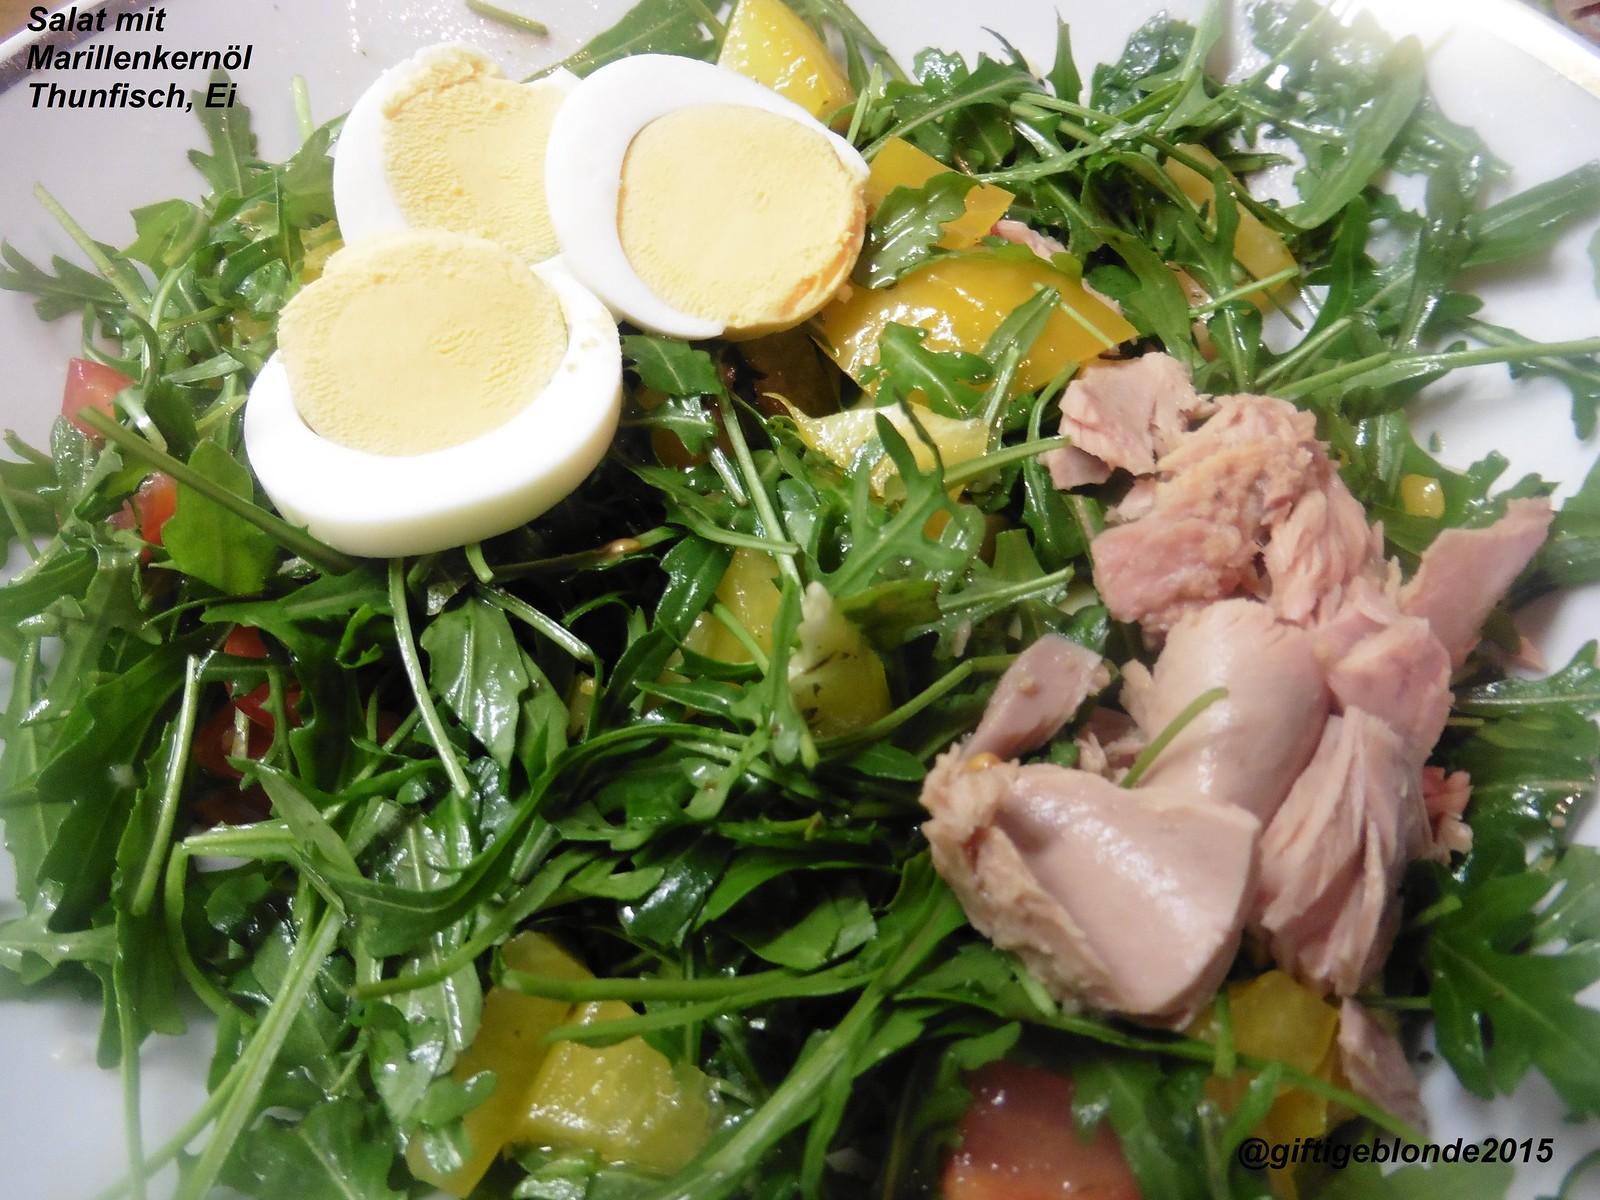 Salat mit Marillenkernöl